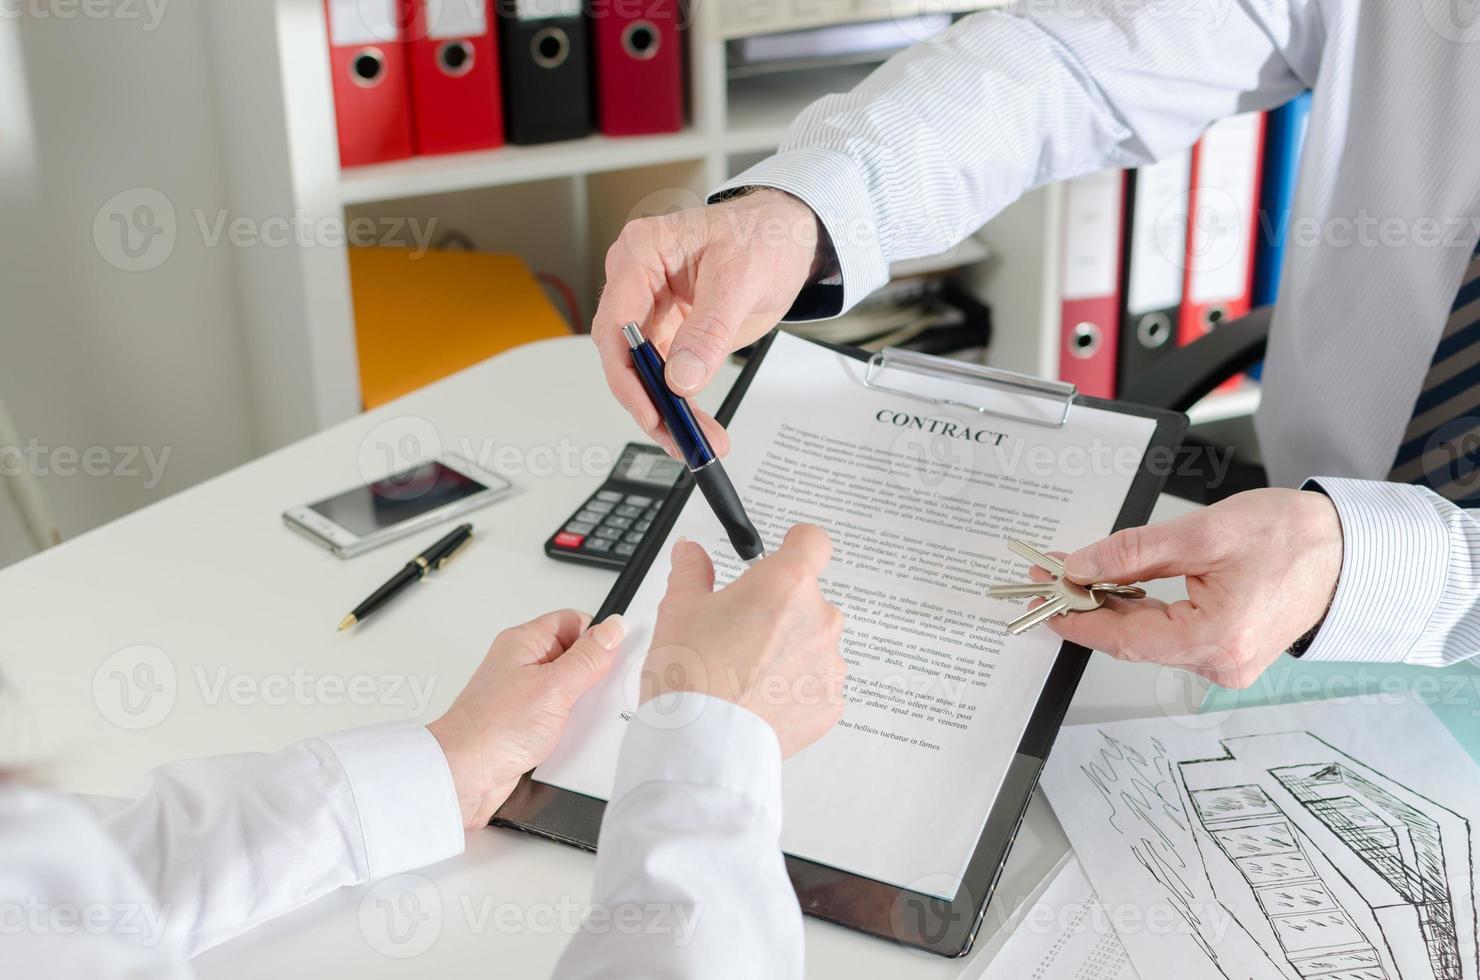 fastighetsmäklare som ger en penna till sin klient för att underteckna kontrakt foto